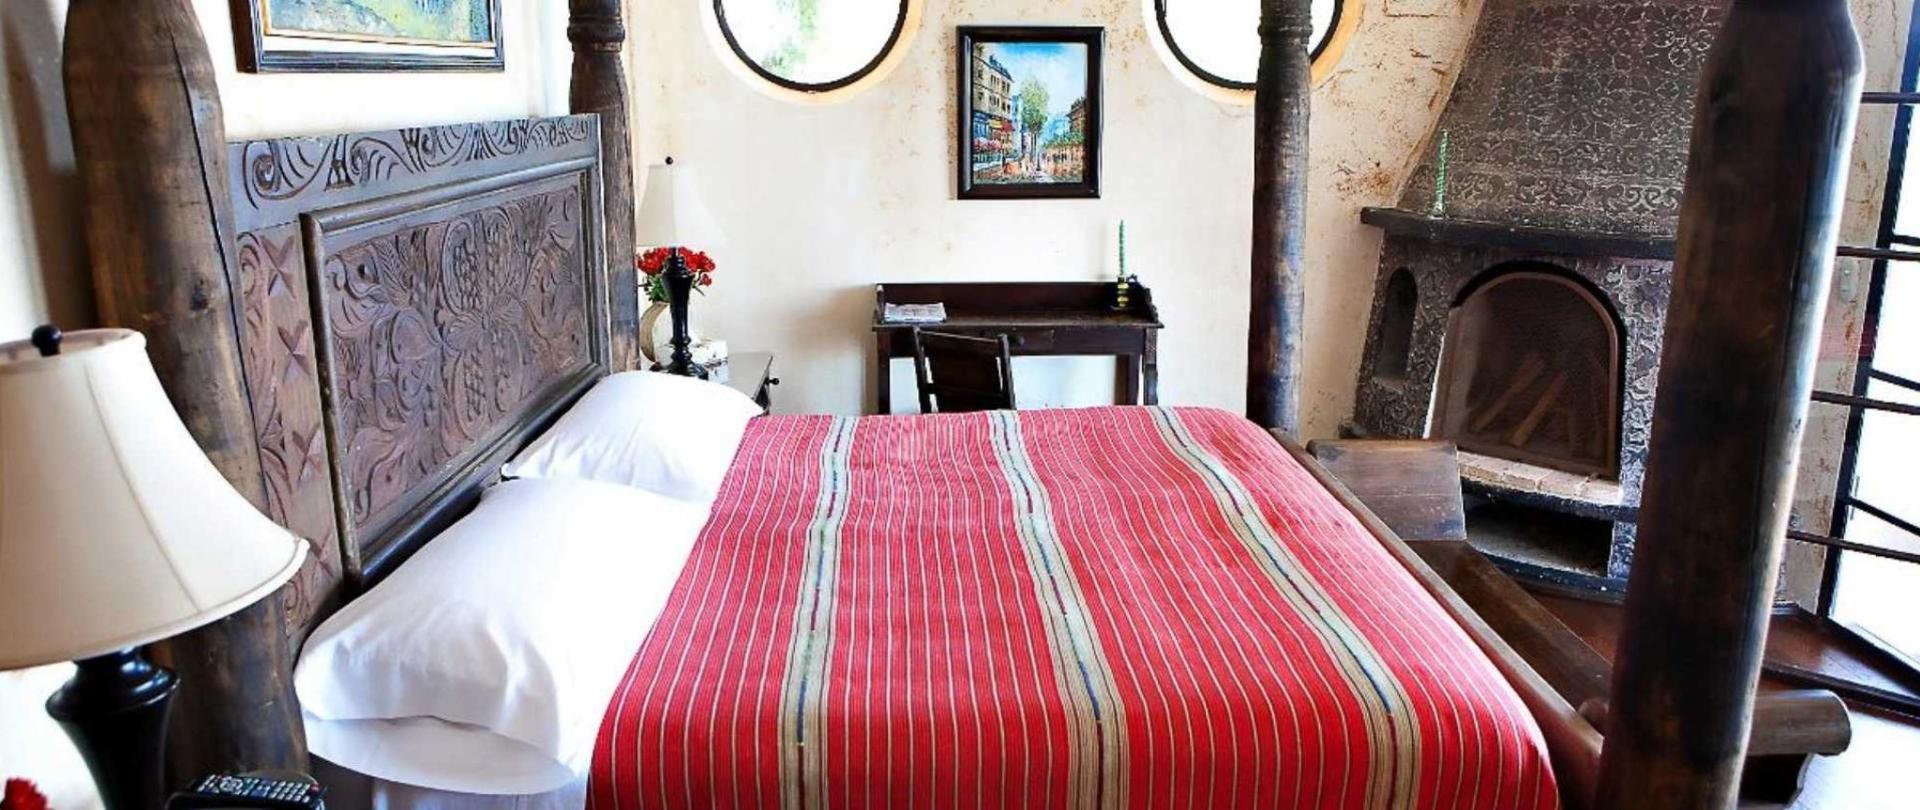 master-bedroom1.jpg.1920x807_default.jpg